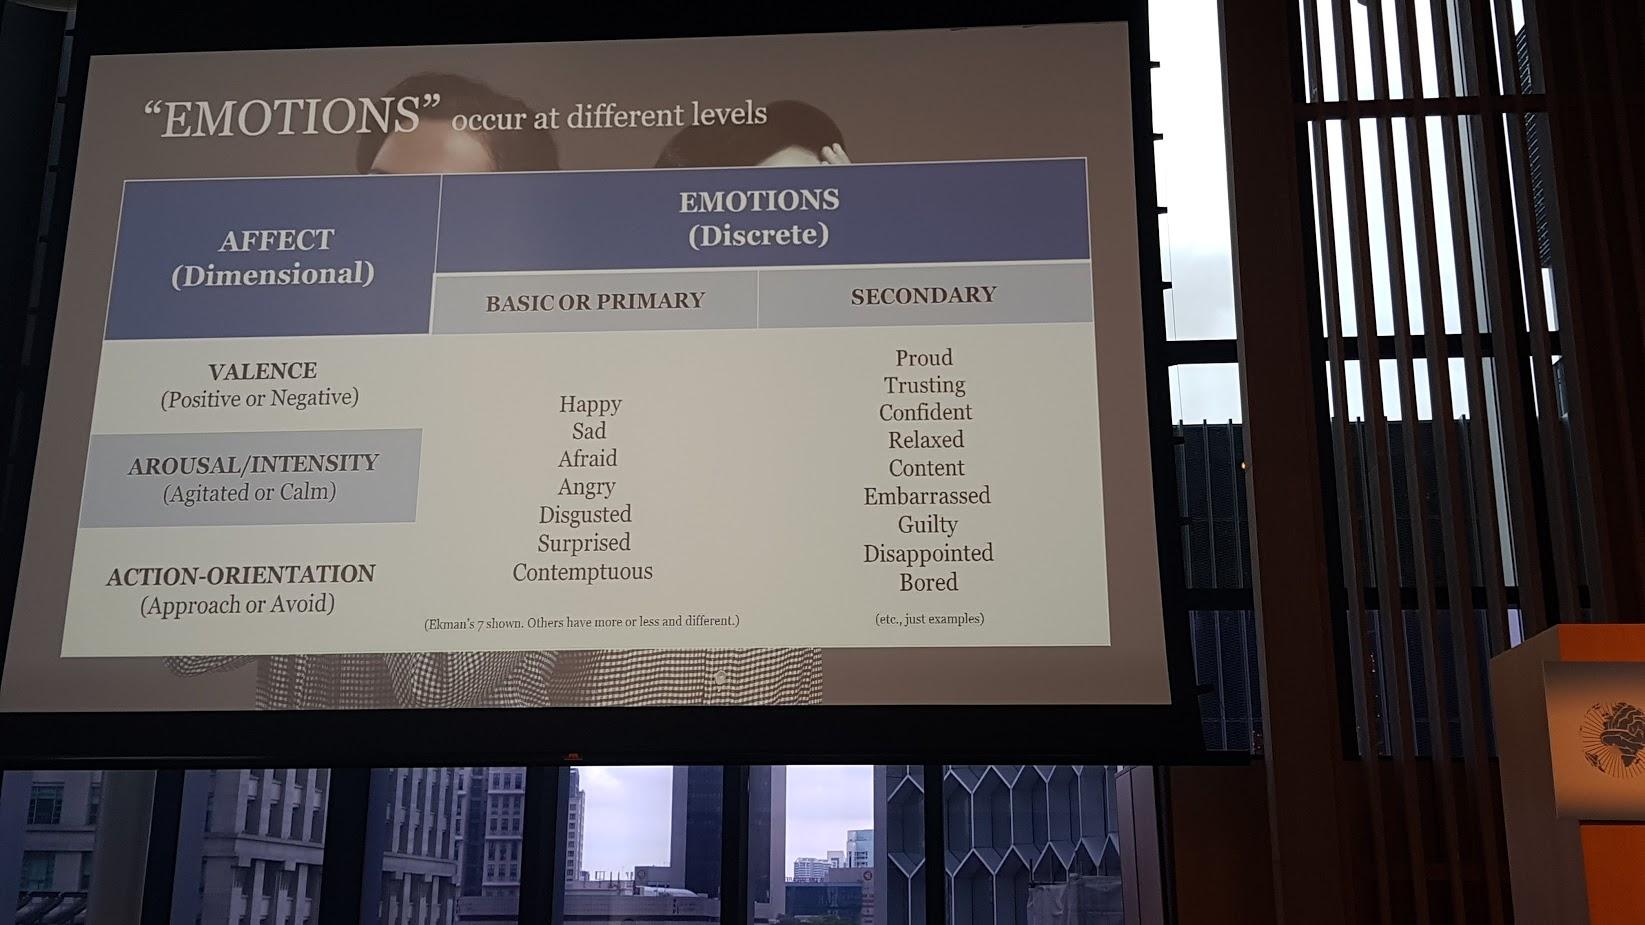 Emociones secundarias: cómo abrir la puerta de la mente (y las decisiones) del consumidor